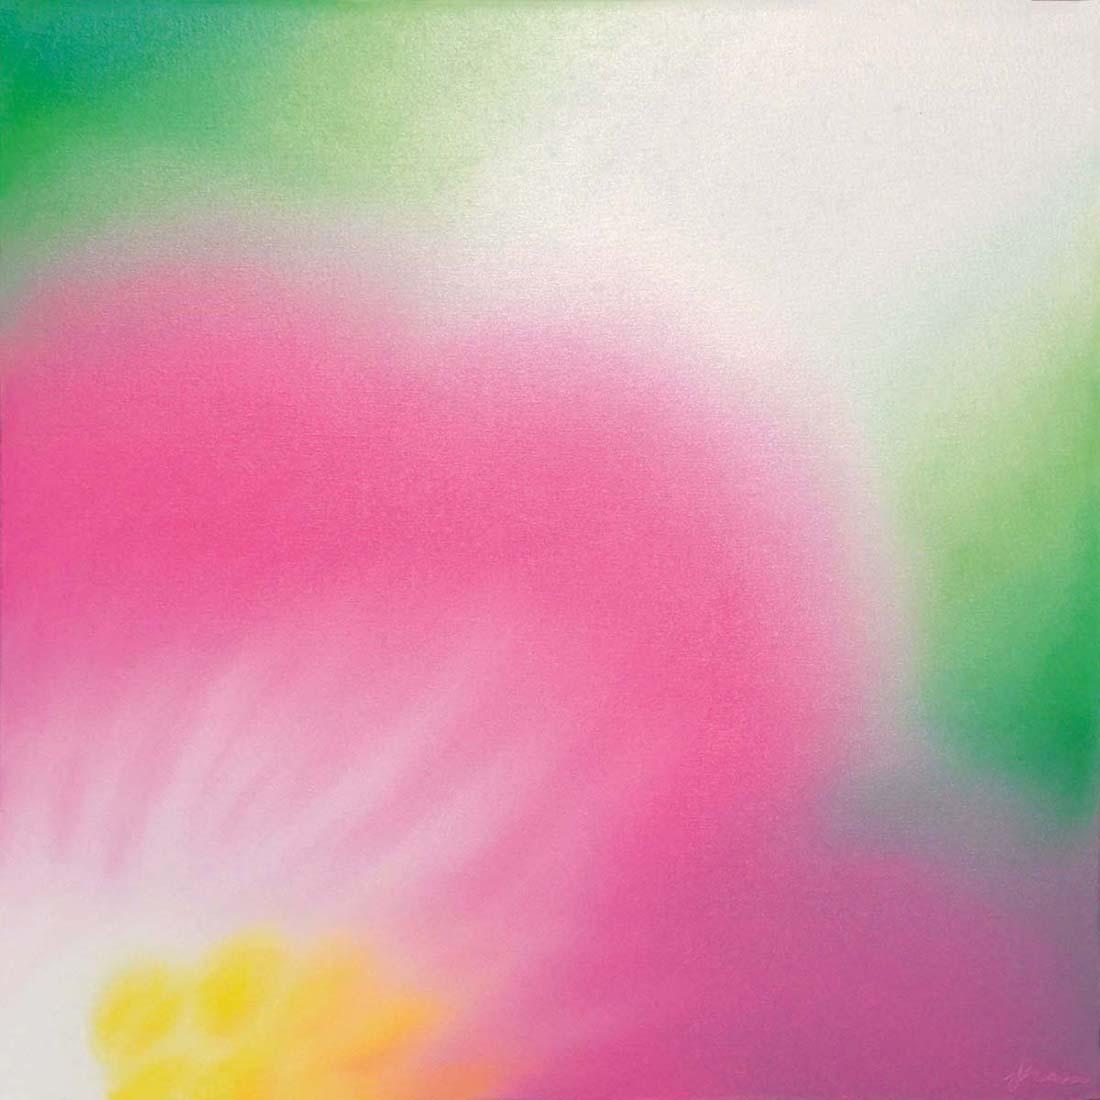 Esperia rosa-50x50 ok